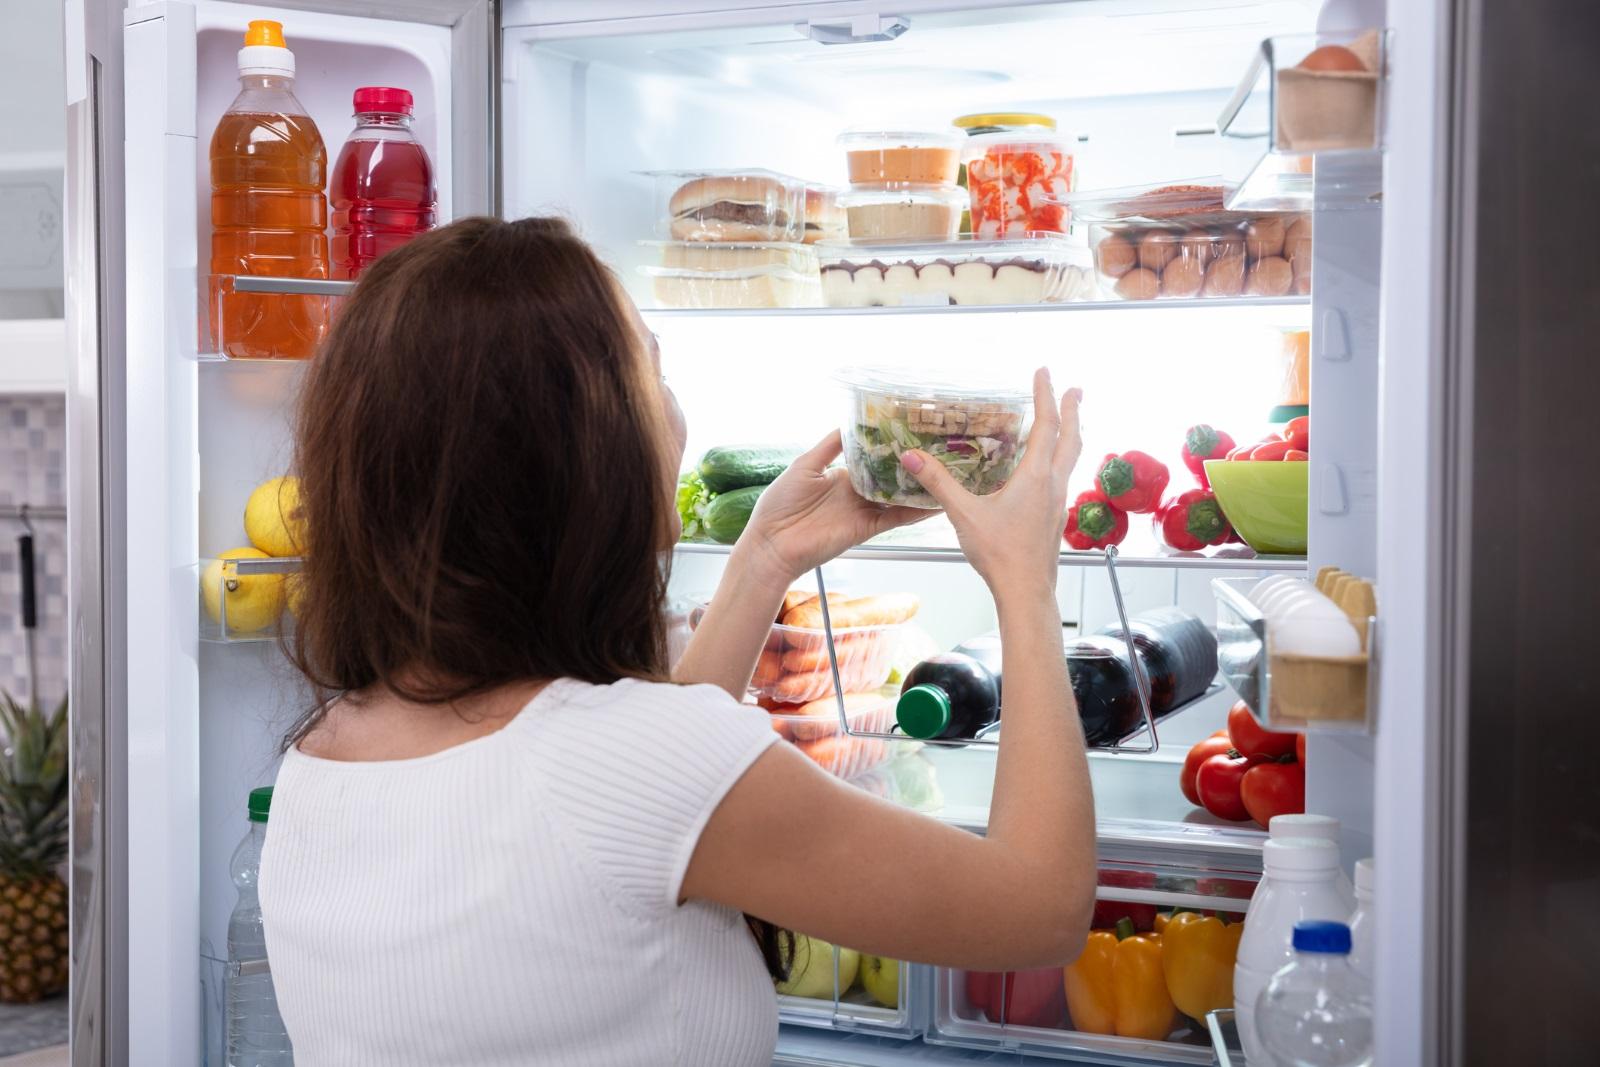 <p>Хладилникът/фризерът не изстудява добре</p>  <p>Това е проблем, който не бива да пренебрегвате особено в летните месеци. Проверете дали вратите се затварят плътно или уплътнителите не са се изхабили.&nbsp;</p>